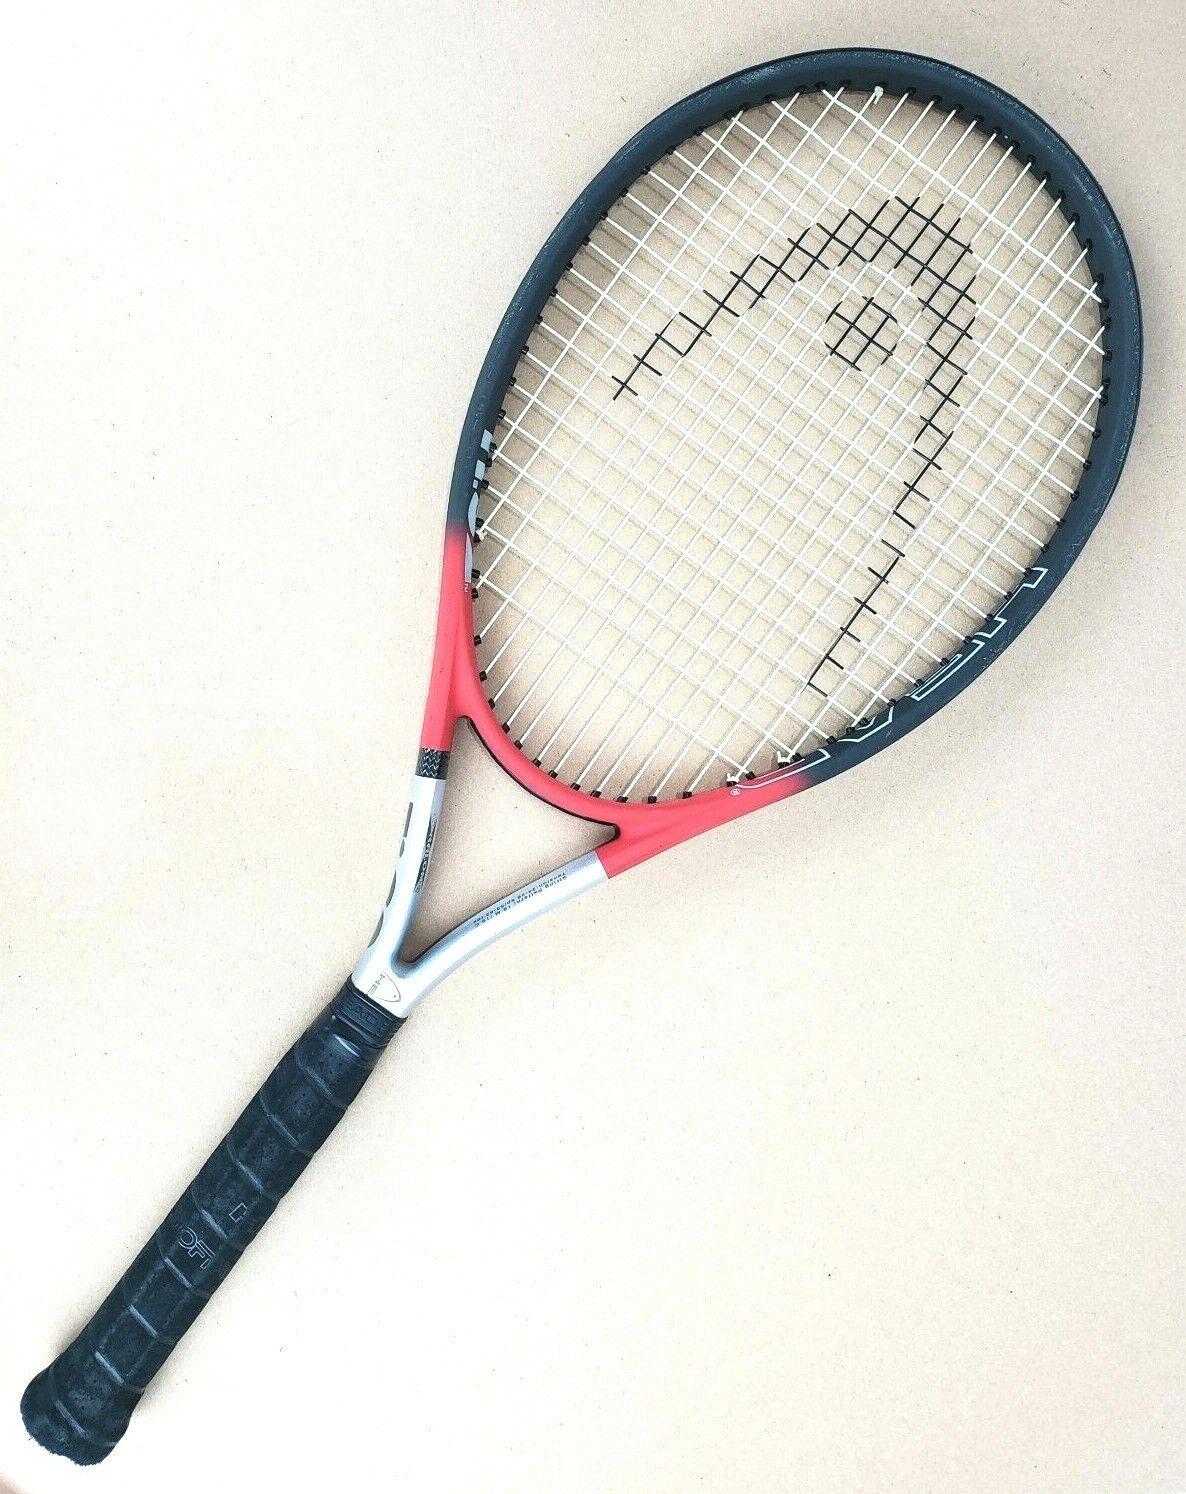 Head Intelligence Ti.S2 xtralong Raquette de tennis 4 1 4  Grip avec étui